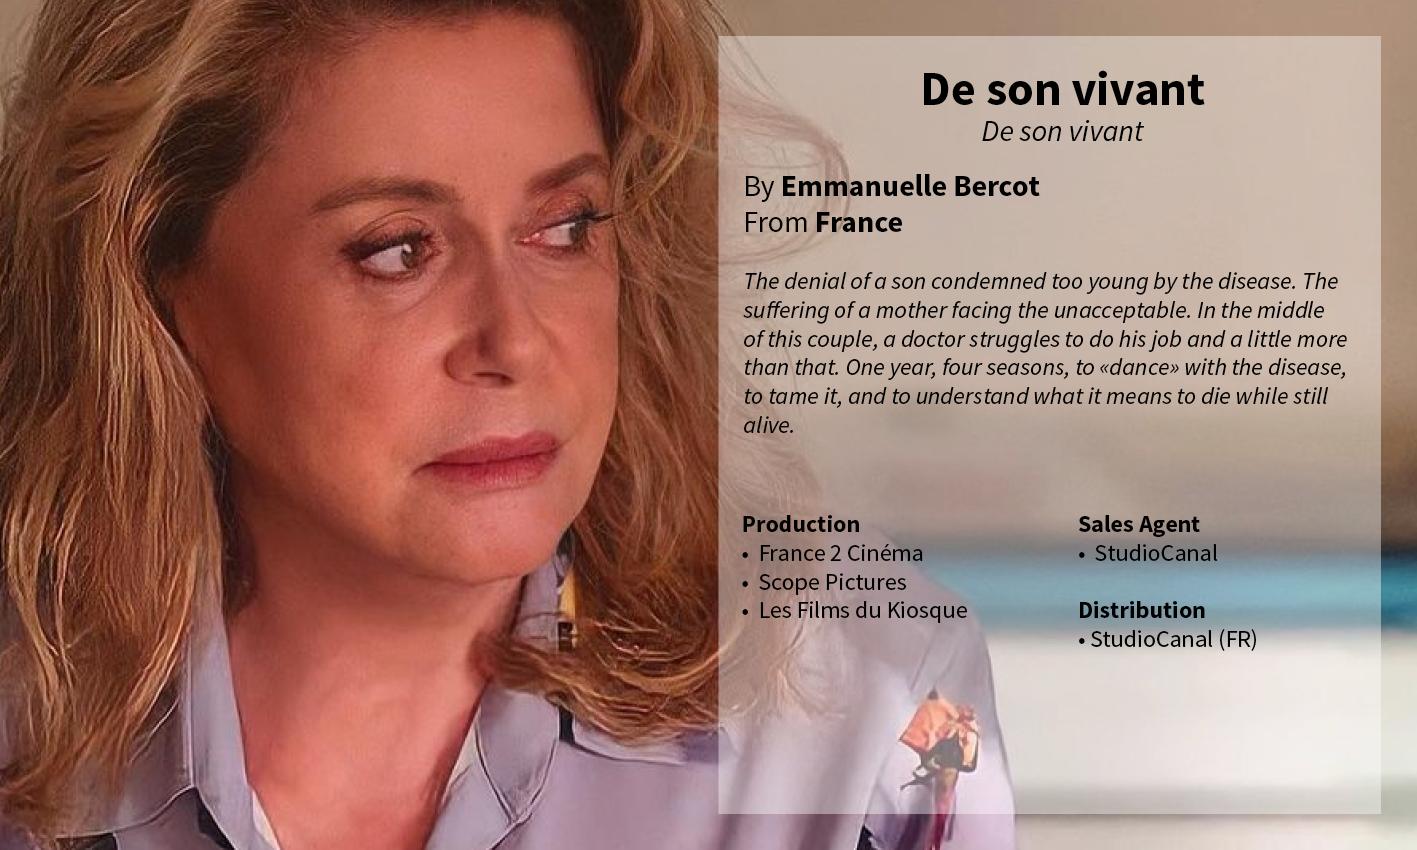 De son vivant Emmanuelle Bercot Catherine Deneuve